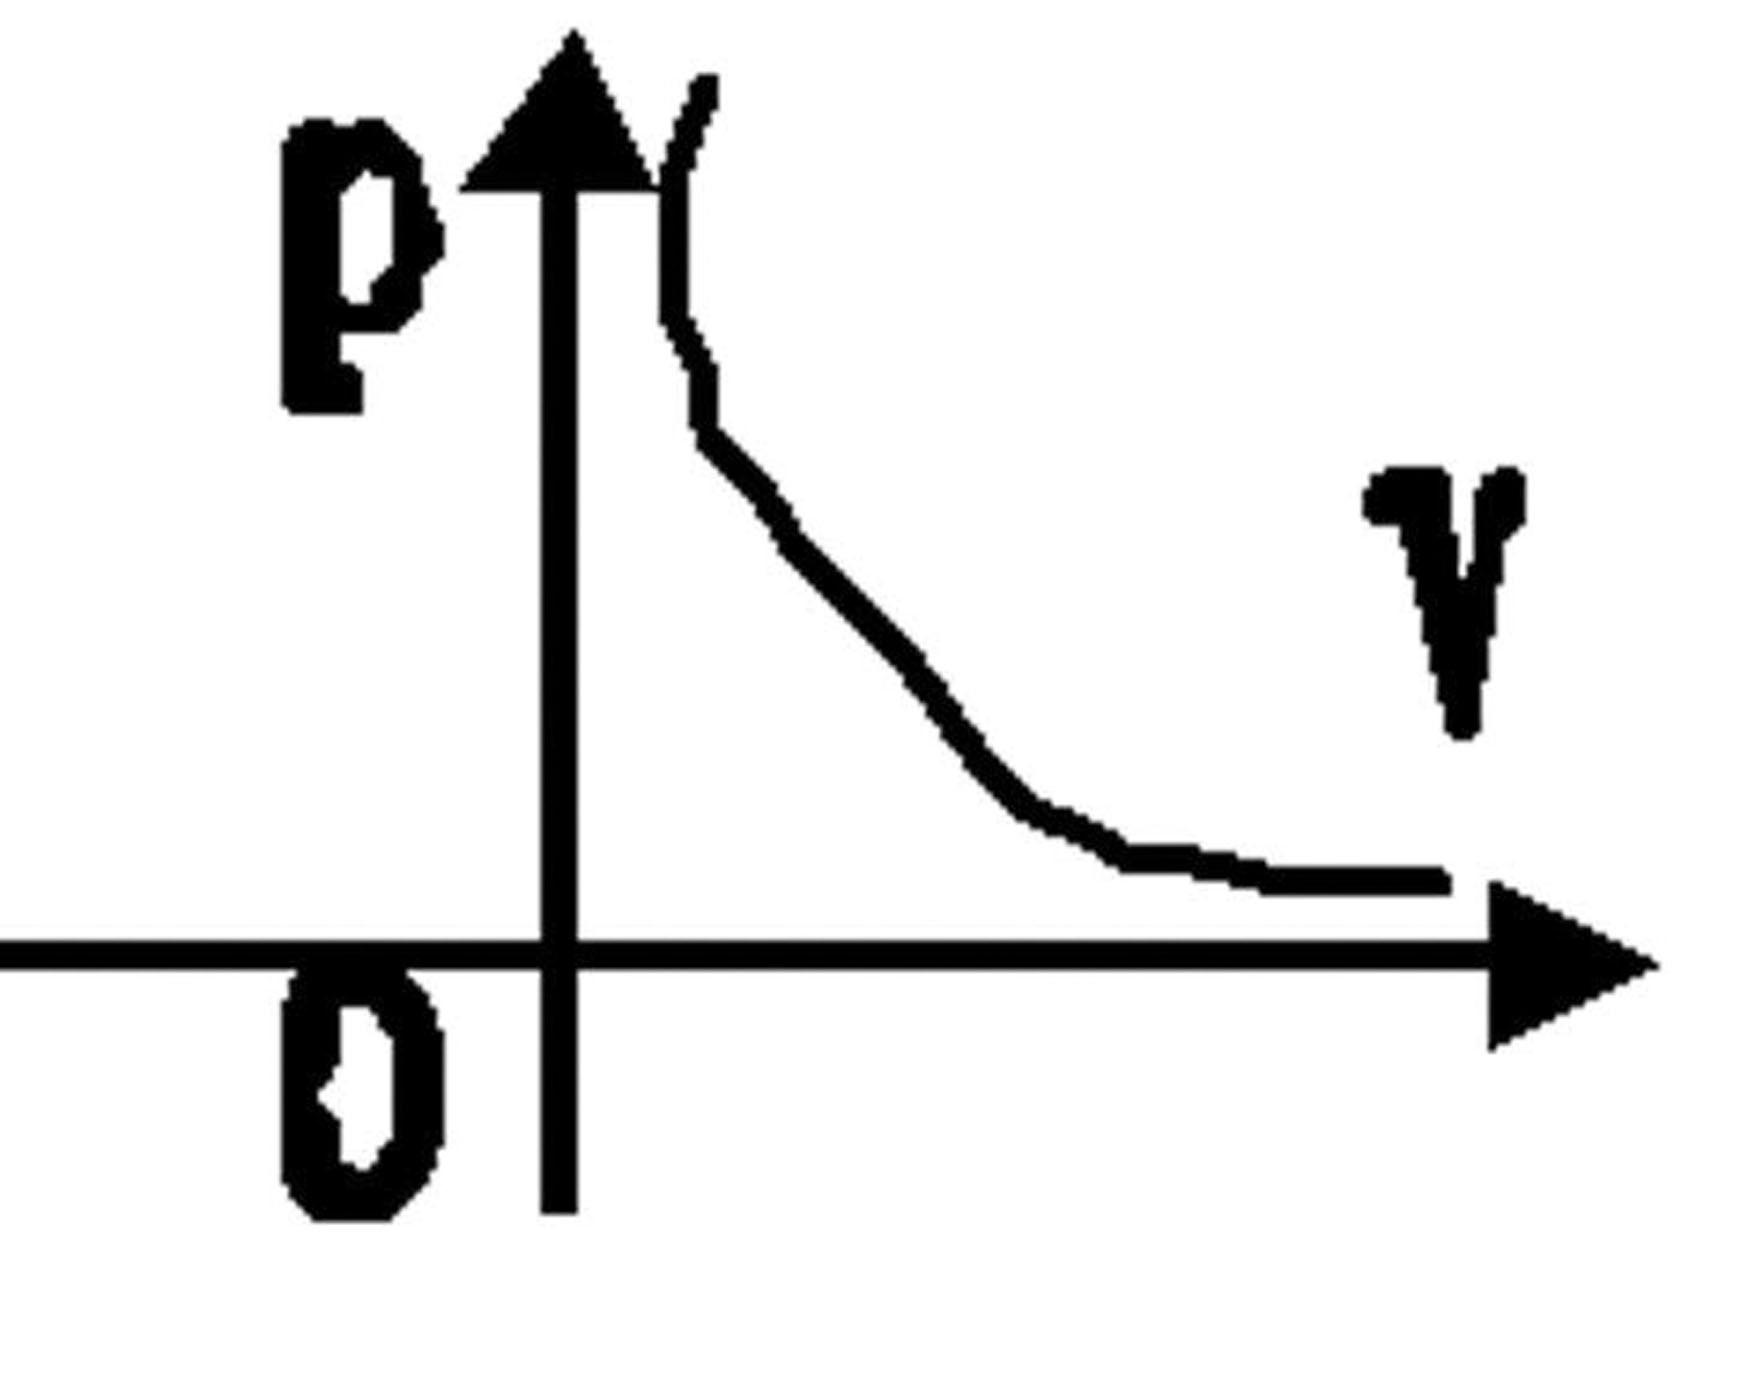 实用专利: 喷水高压高效发动机